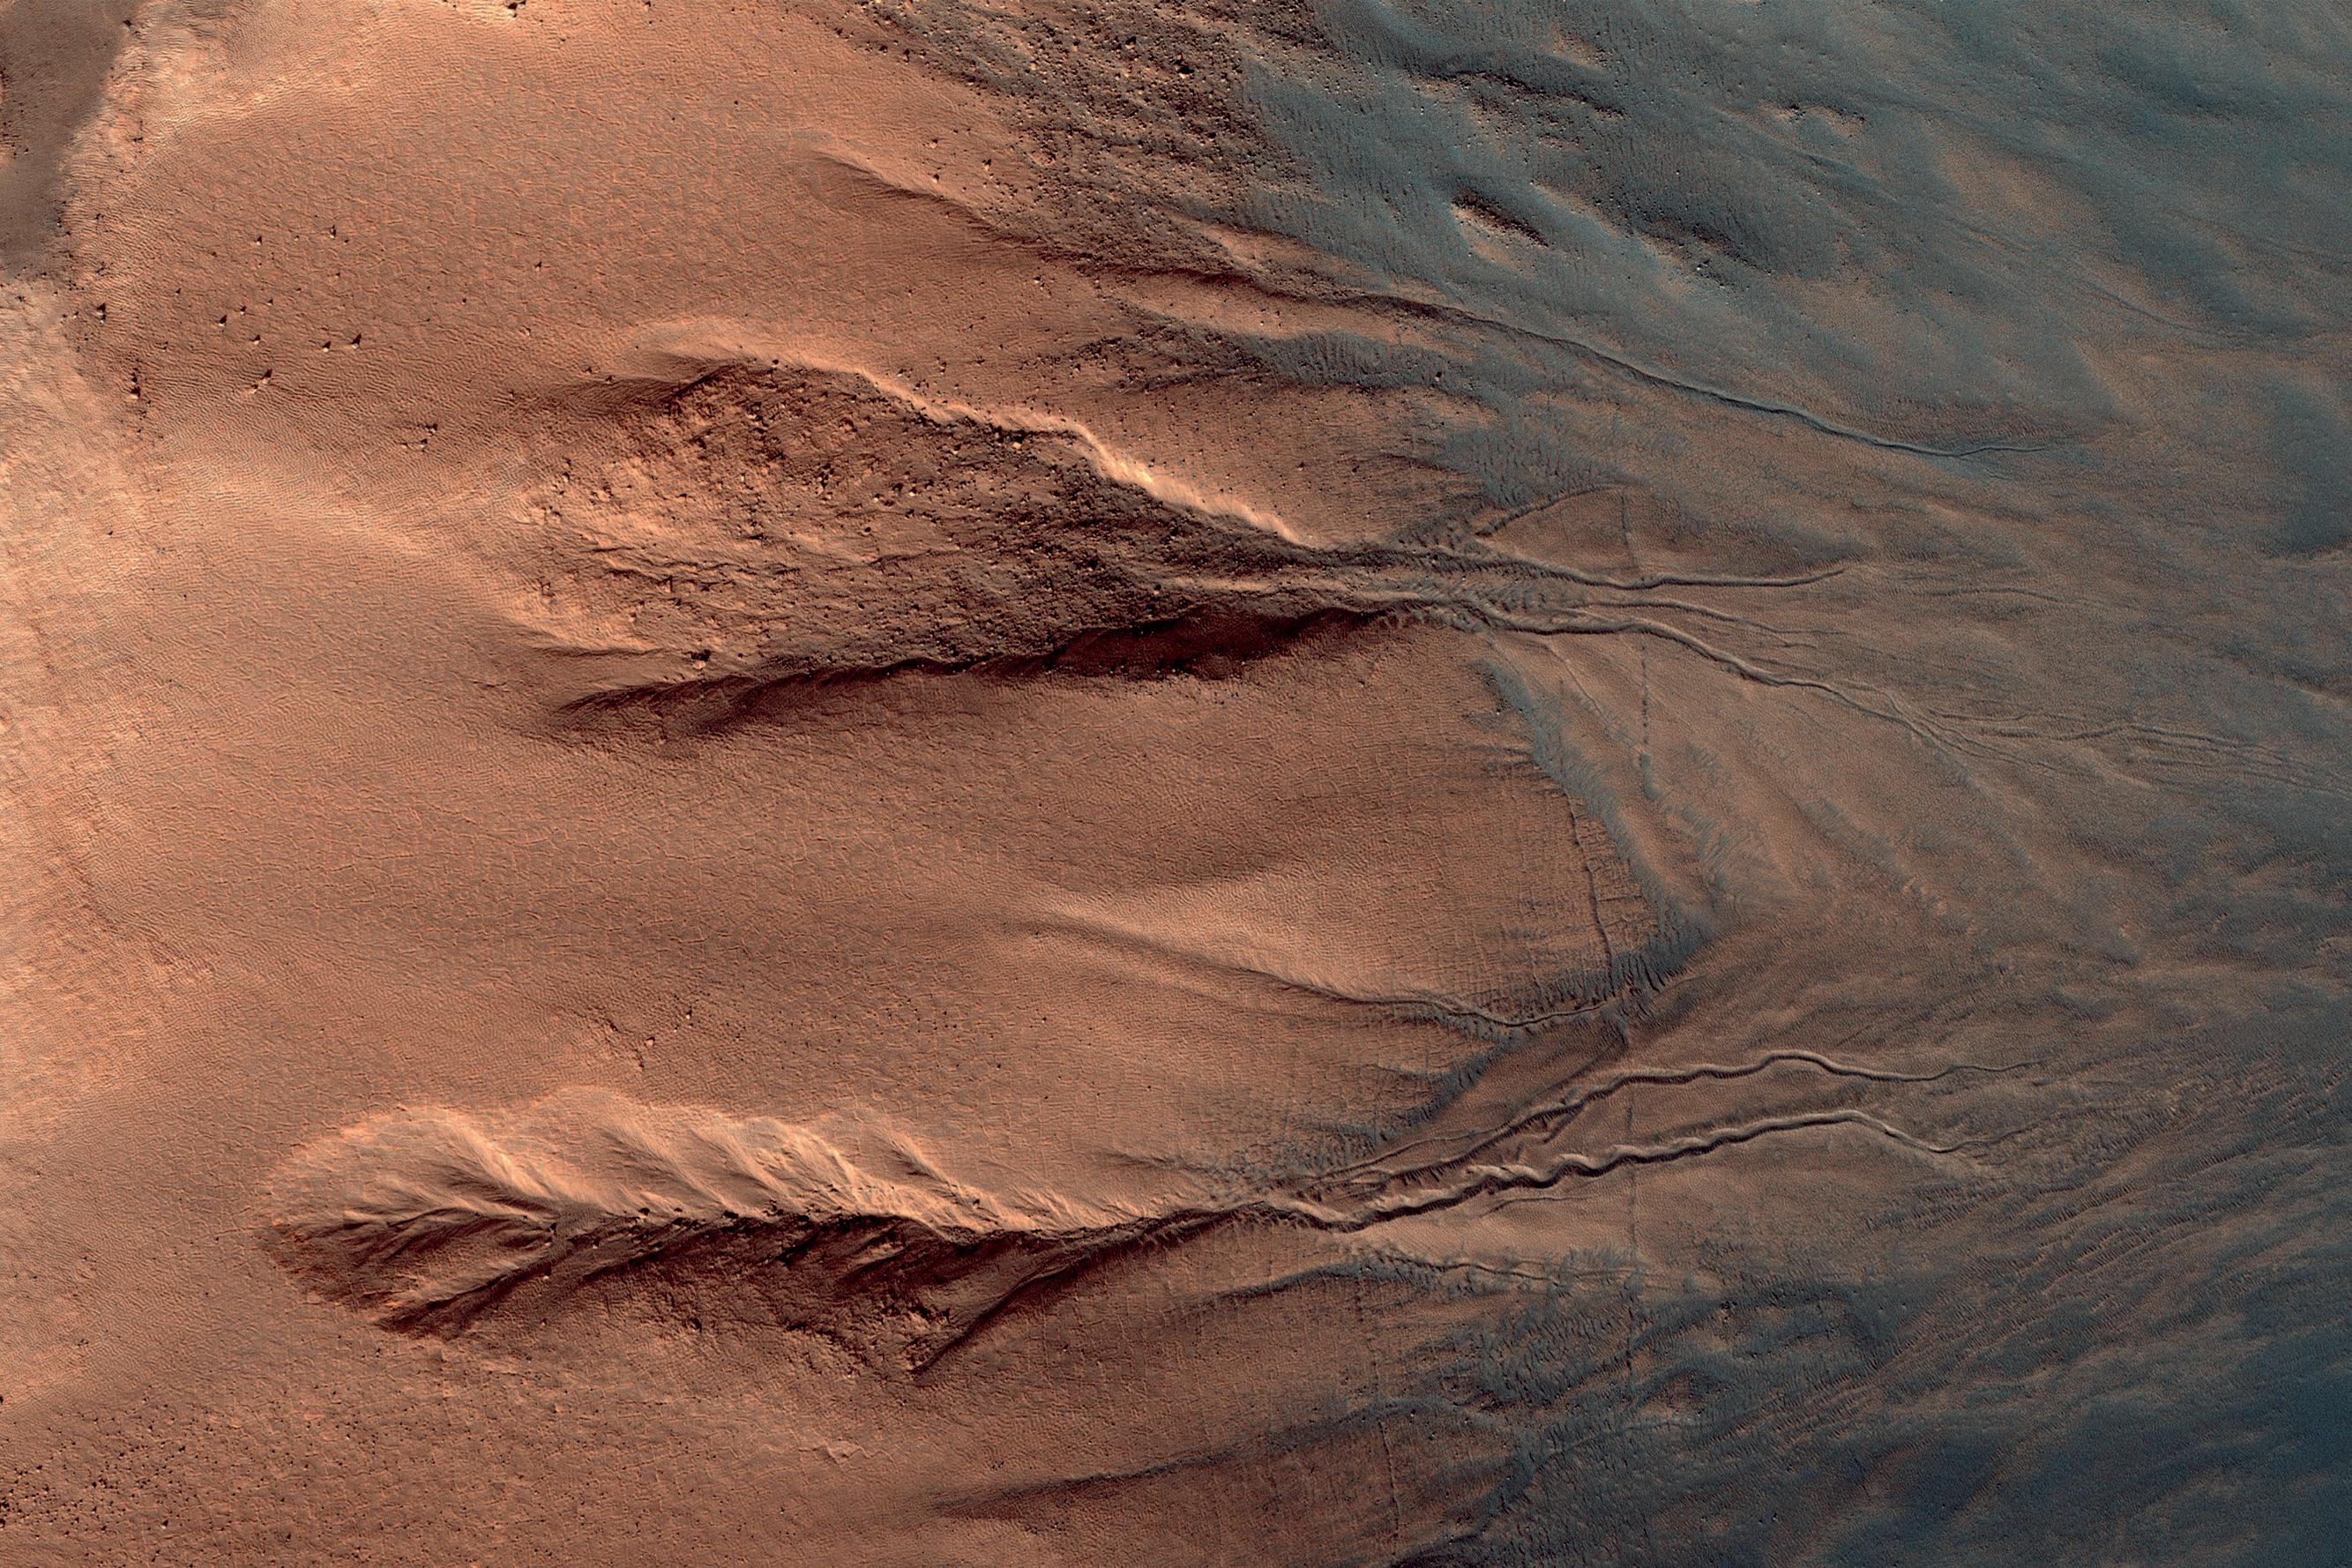 Светлые овраги, темные дюны на Марсе